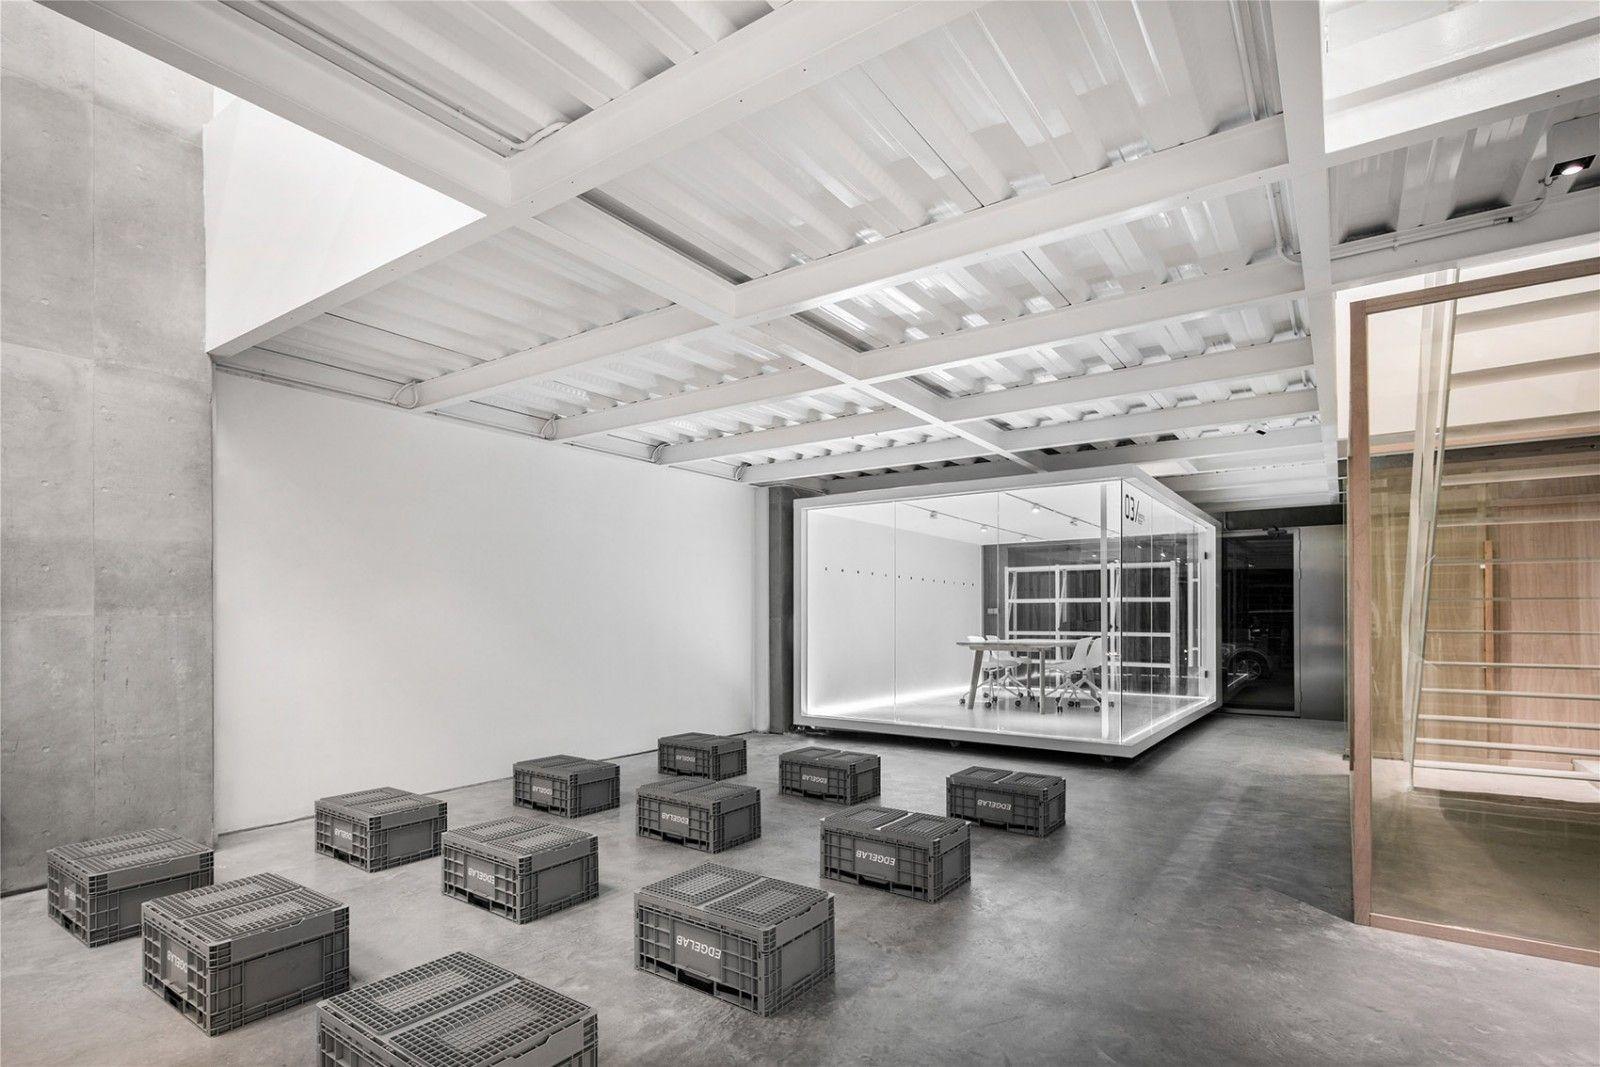 移动的玻璃盒子,广东Edgelab办公空间 | Edgelab边界实验工作室|黄智武、何钢荣 - 6